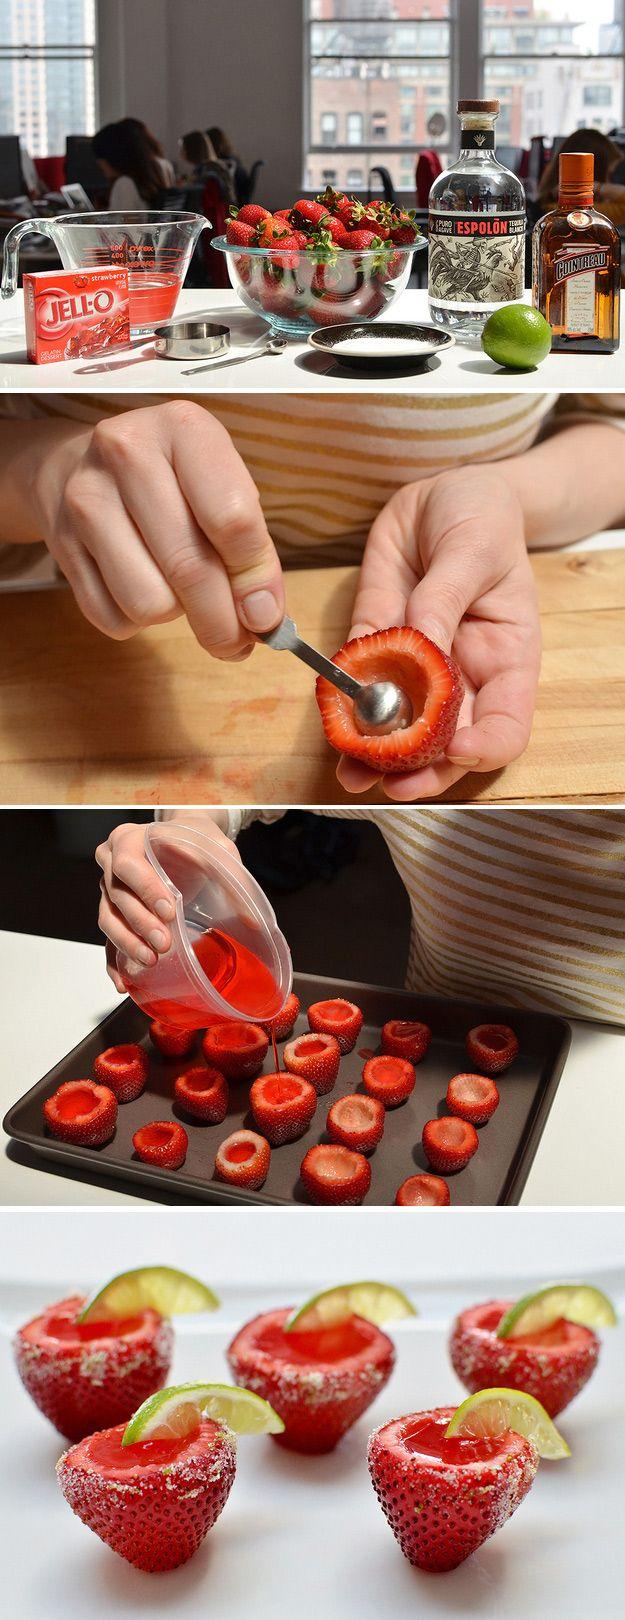 Strawberry Margarita Jello-O-Shots Se pueden rellenar de cualquier cosa que la imaginación y la creatividad nos permita¡¡ mcga.-